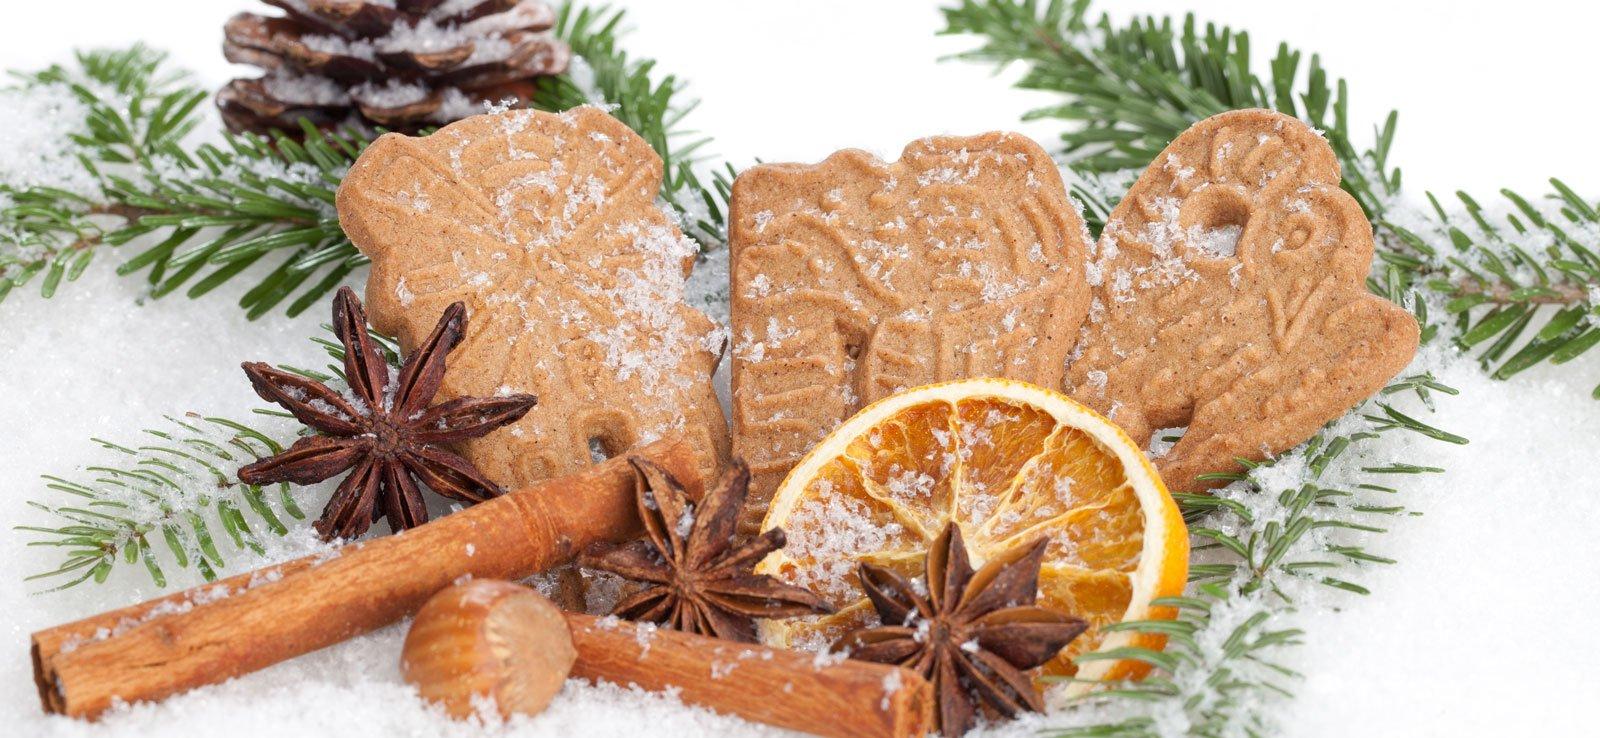 Glutenfreies Weihnachtsgebäck.Glutenfreies Weihnachtsgebäck Aktionen Schrader Genussversand